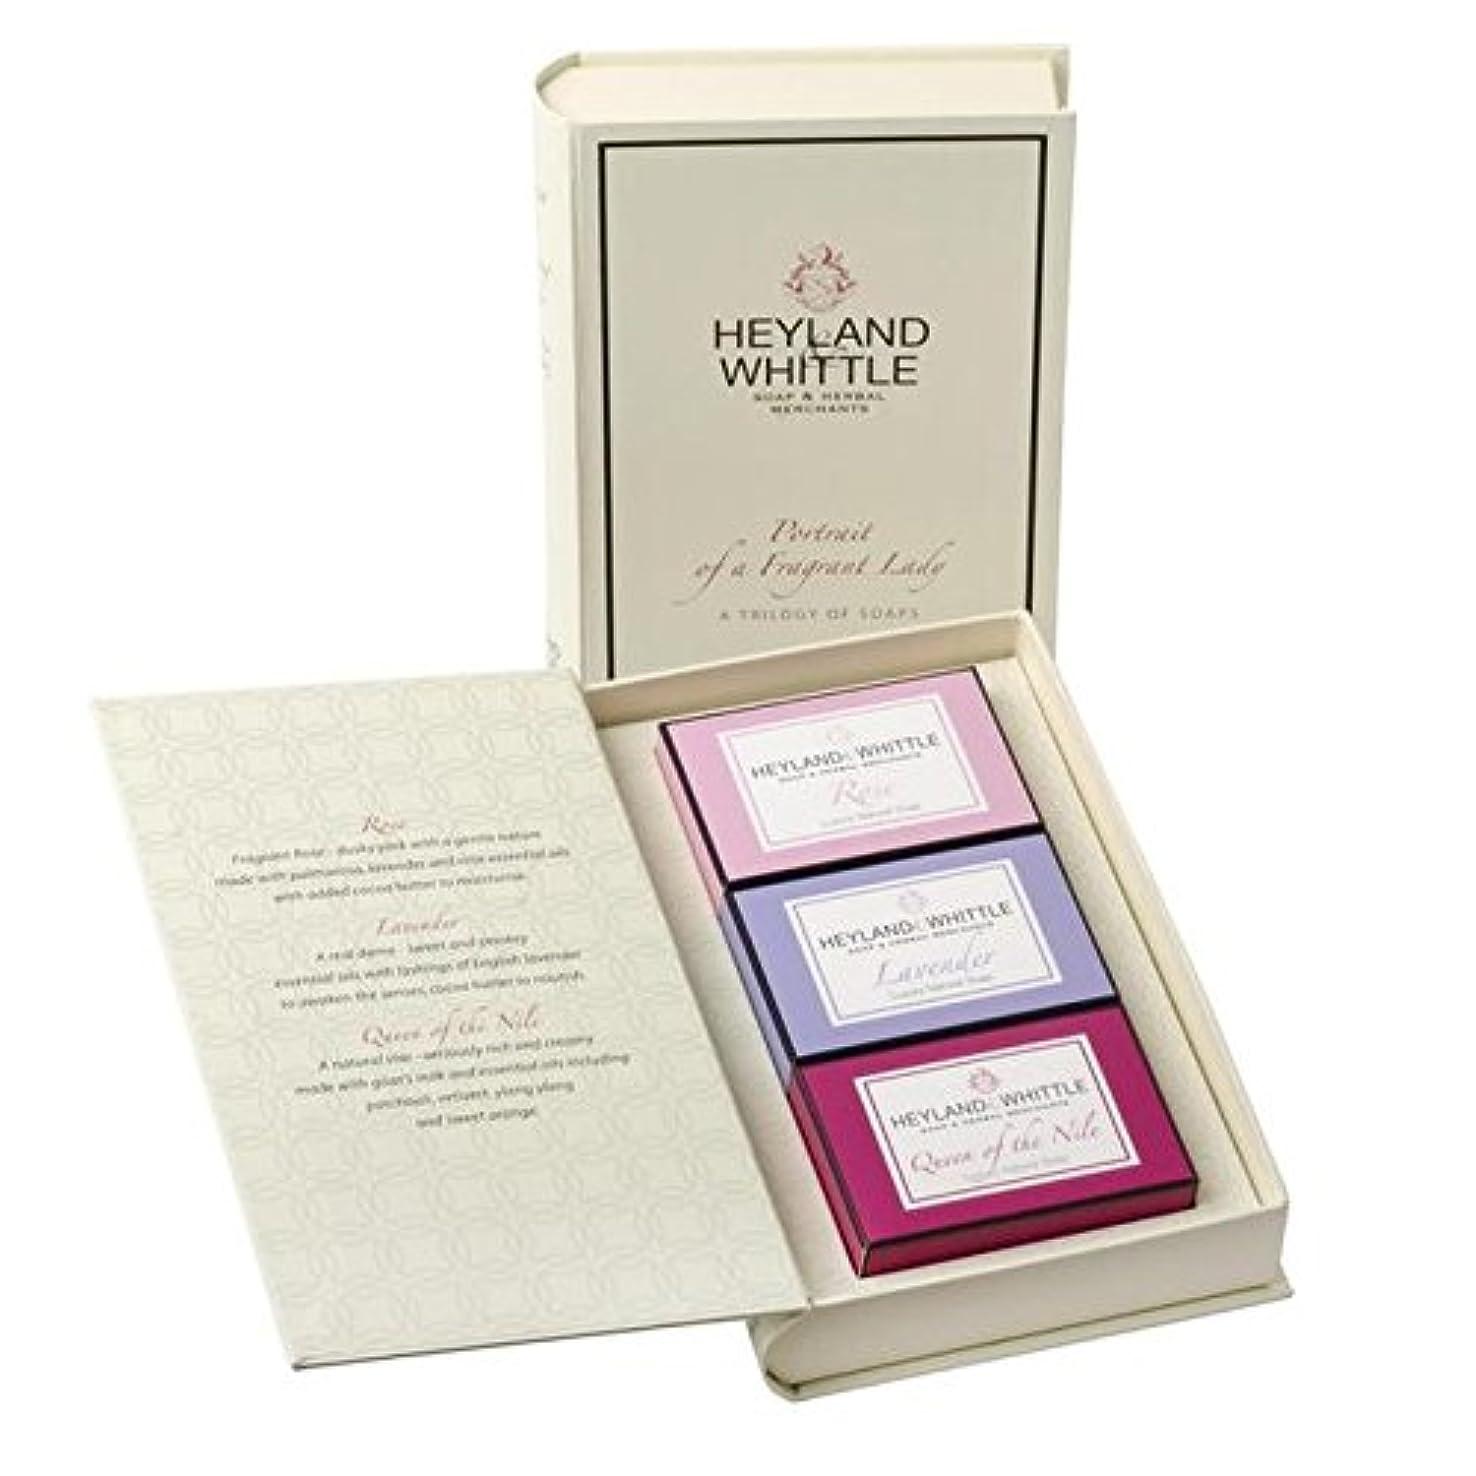 結婚する懲らしめ含める&削る石鹸帳、香りの女性の肖像画 x4 - Heyland & Whittle Soap Book, Portrait of a Fragrant Lady (Pack of 4) [並行輸入品]